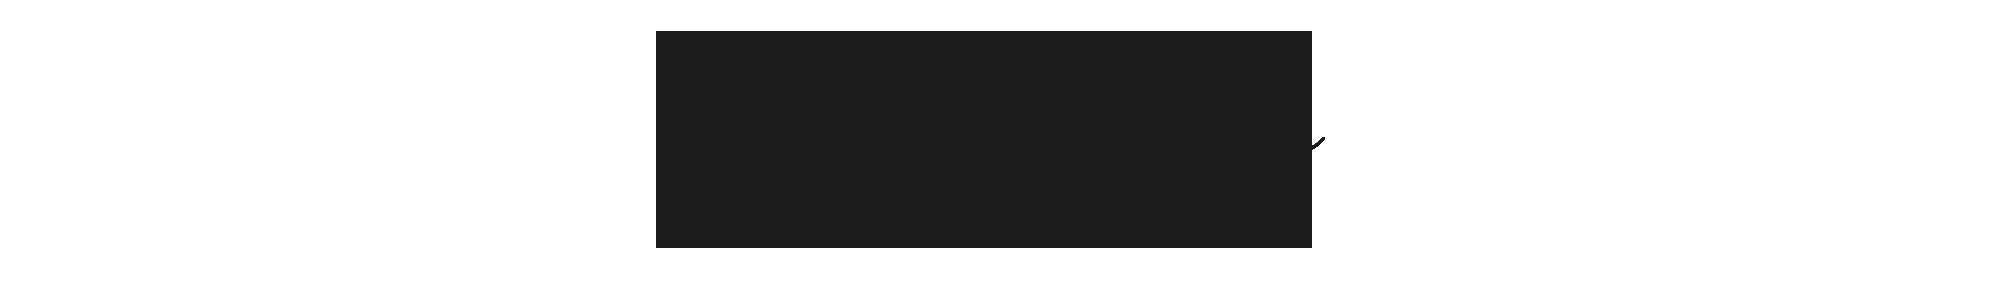 Sofia Barboni